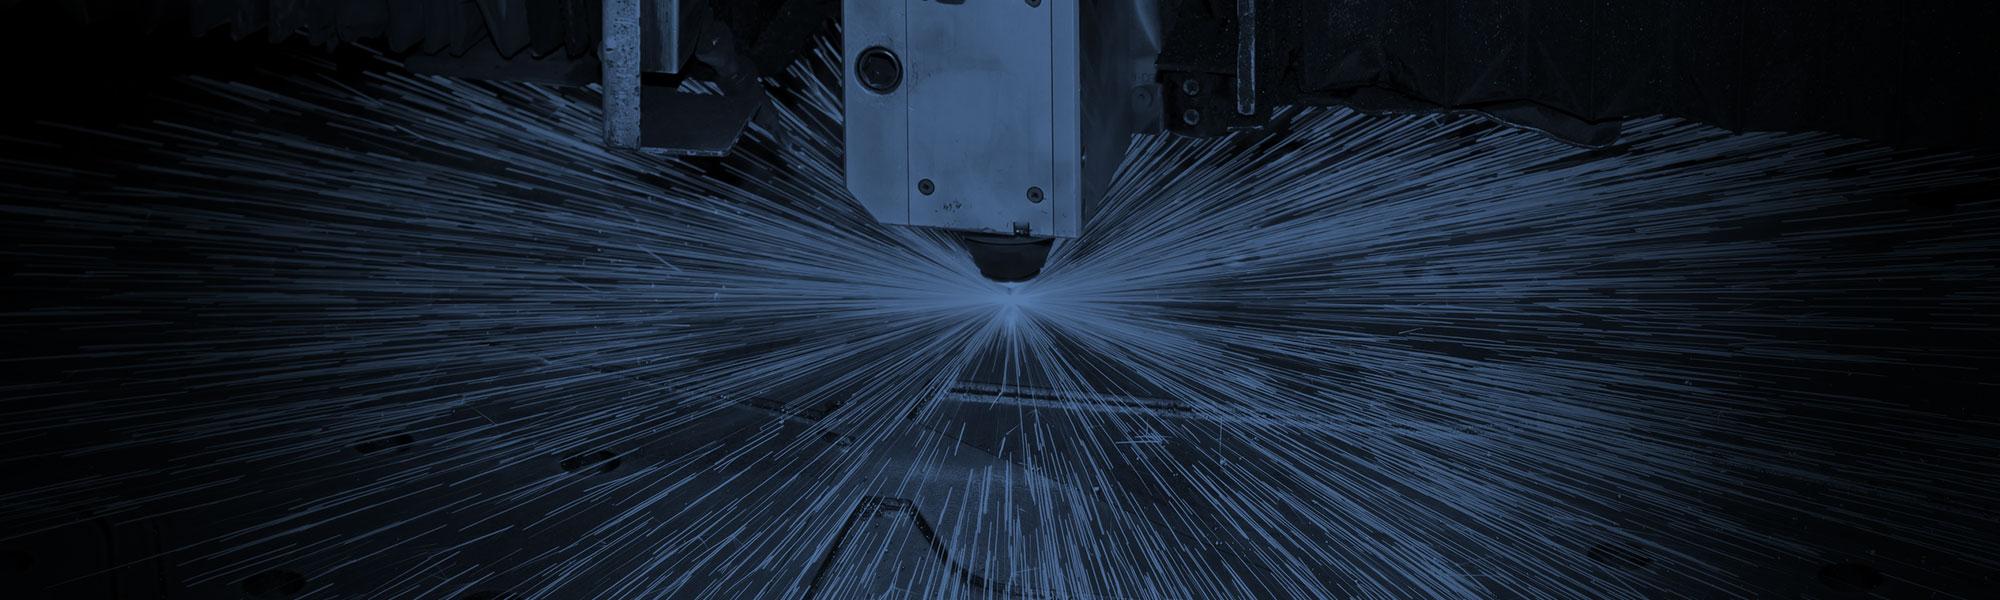 laserschneiden_10464.jpg